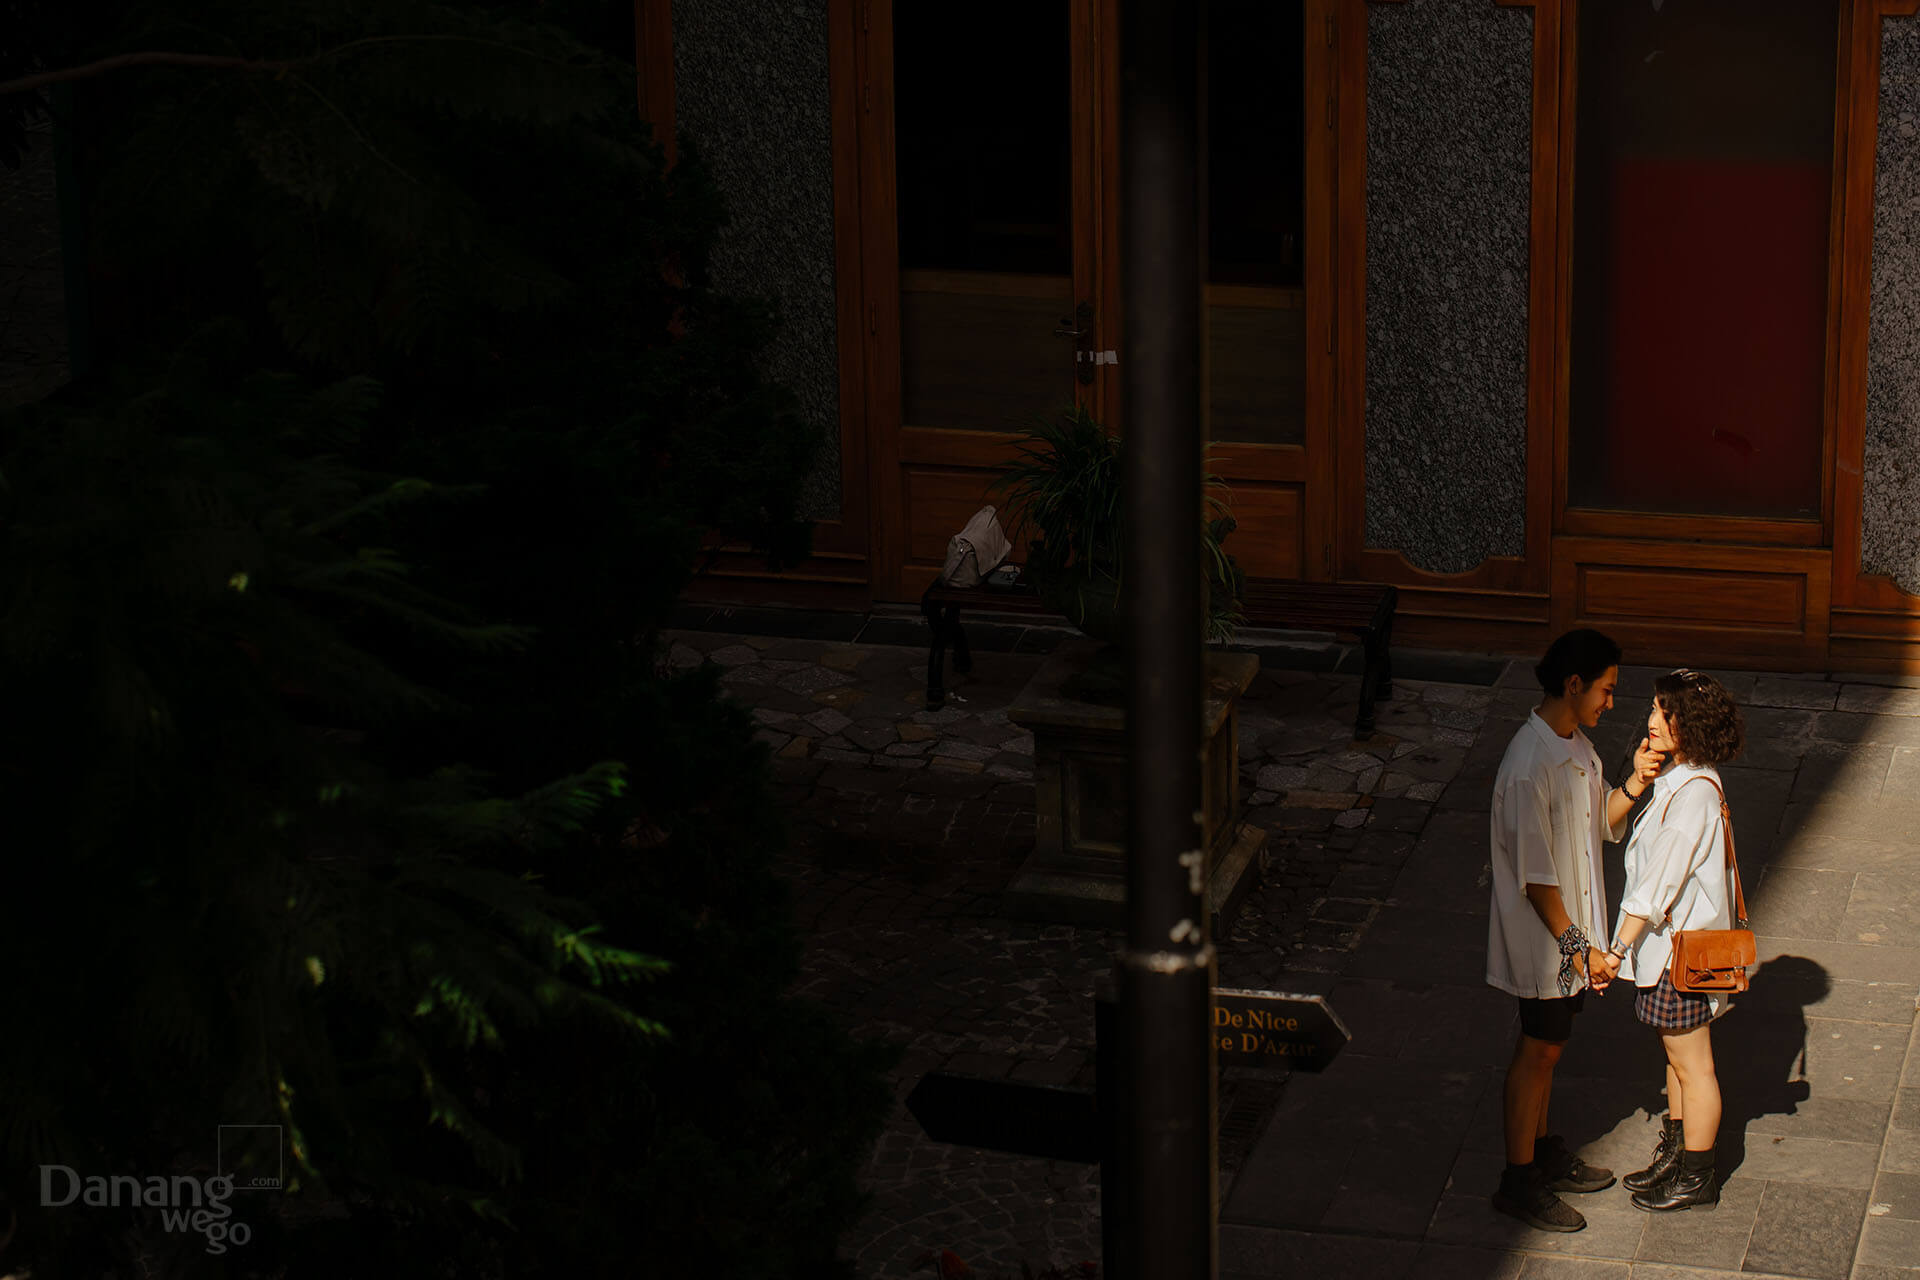 Xu Huongdu Lich Ket Hop Chup Album Anh Couple Tai Ba Na Va Hoi An Danangwego Com 020